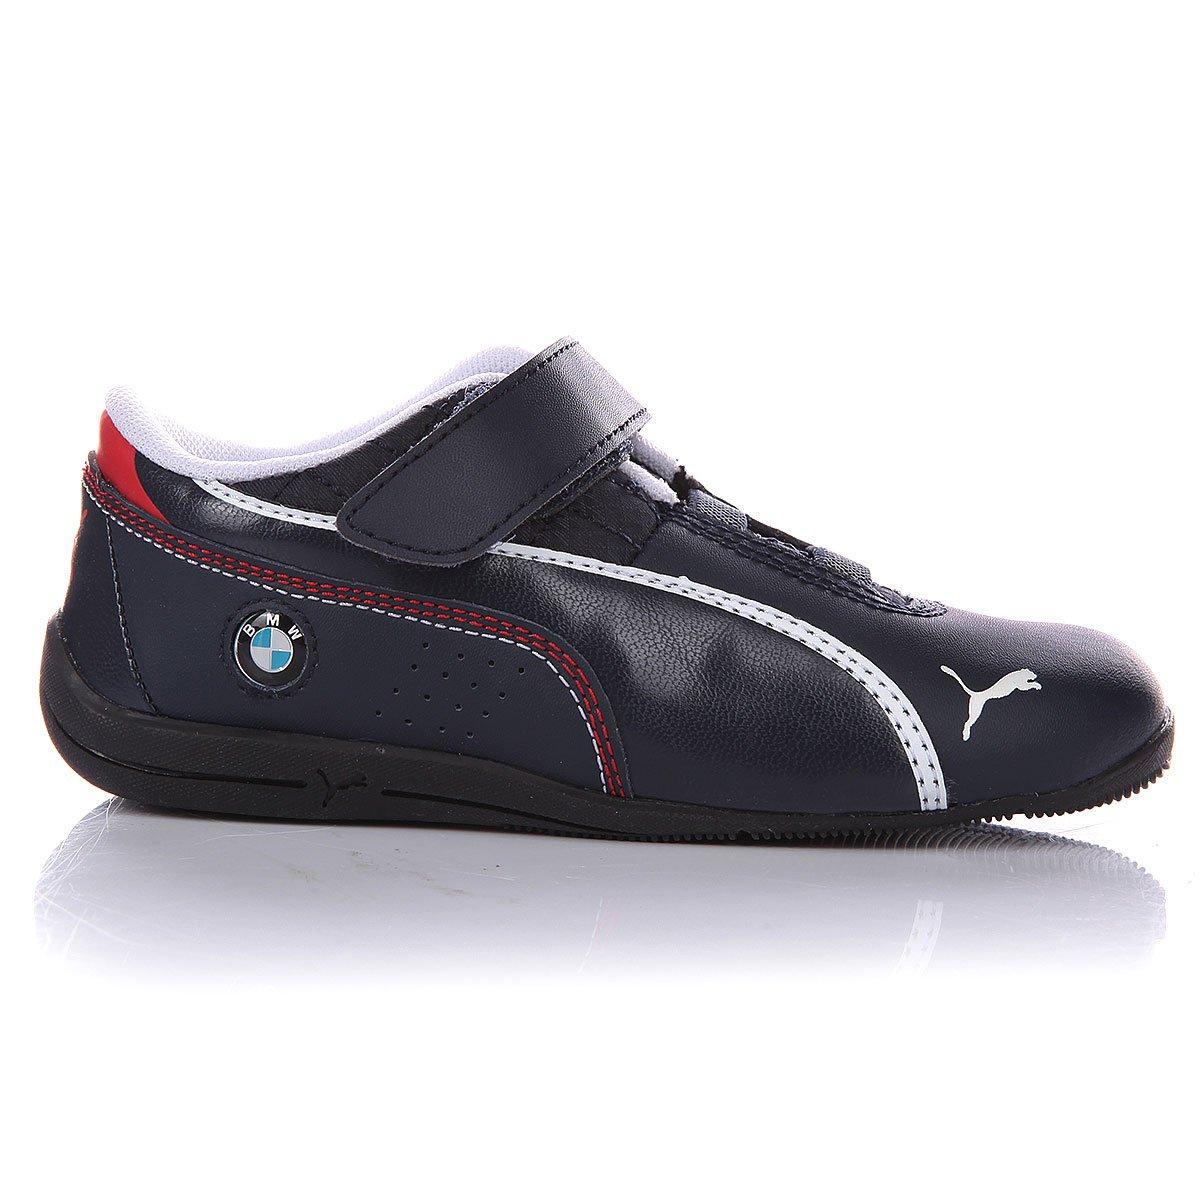 5cda28029506 Купить кроссовки детские Puma Drift Cat 6 Bmw V Kids Team Blue-B в ...